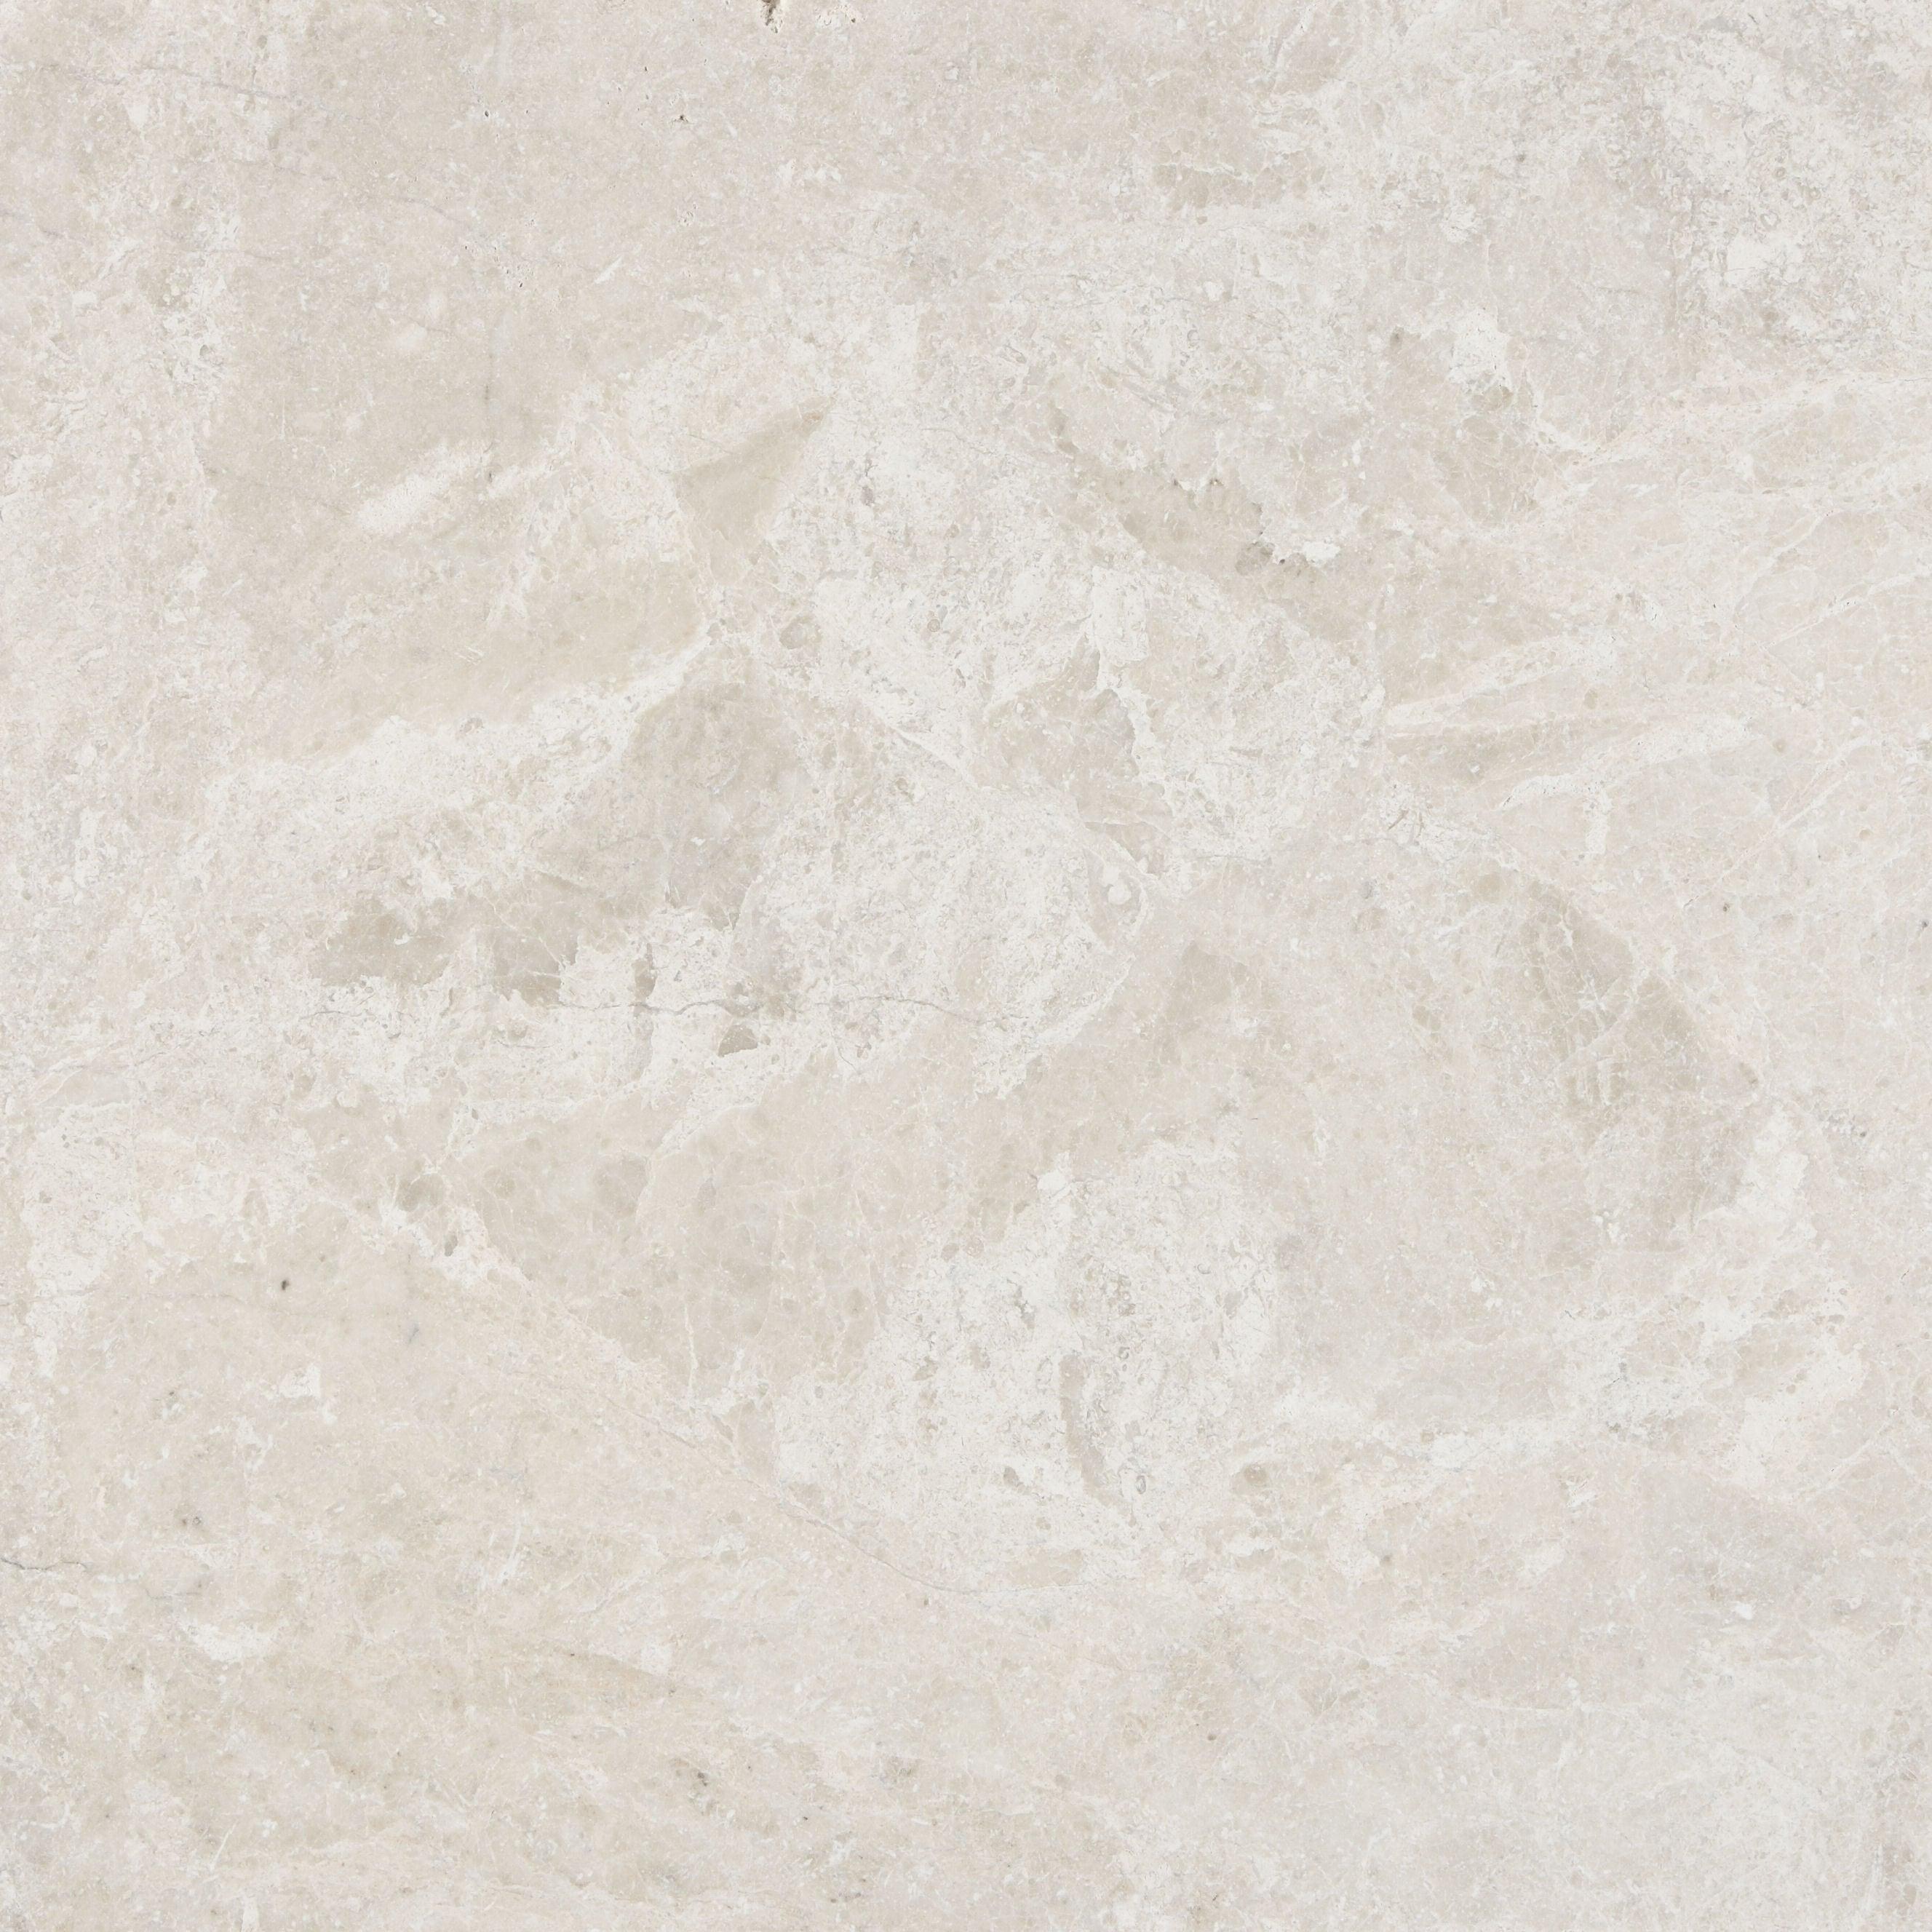 Royale Tumbled Marble Tiles  Mandarin Stone